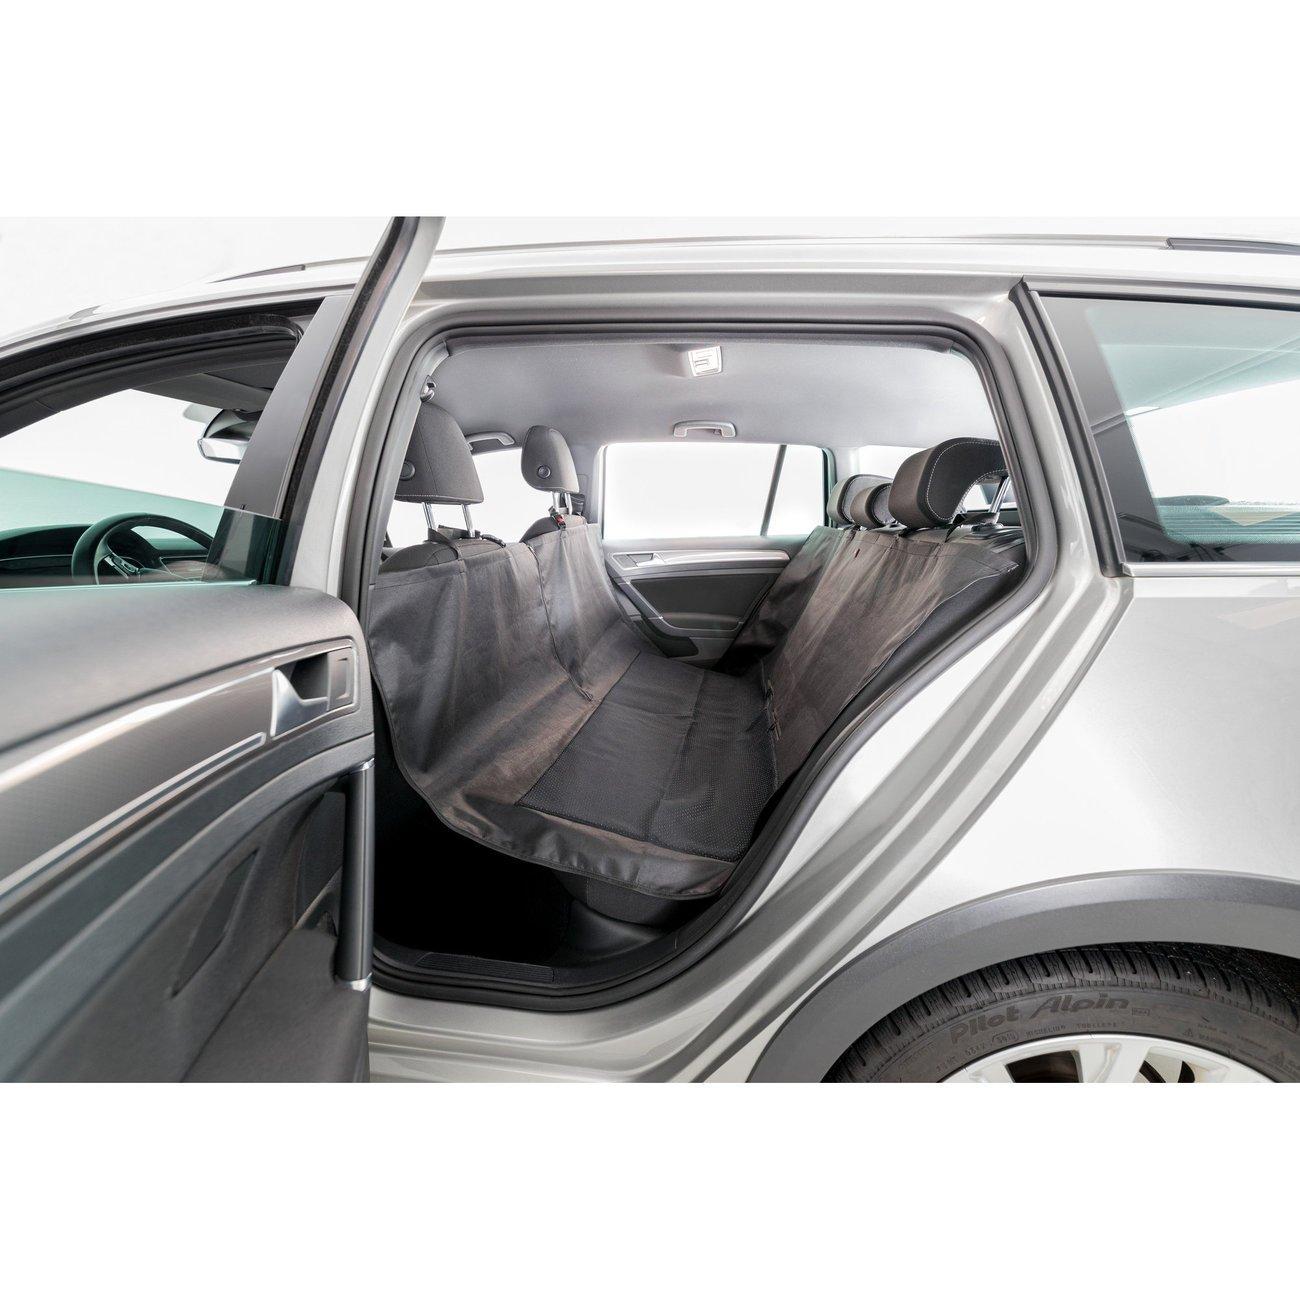 Auto Hundedecke mit Seitenteilen für Rücksitz Bild 15